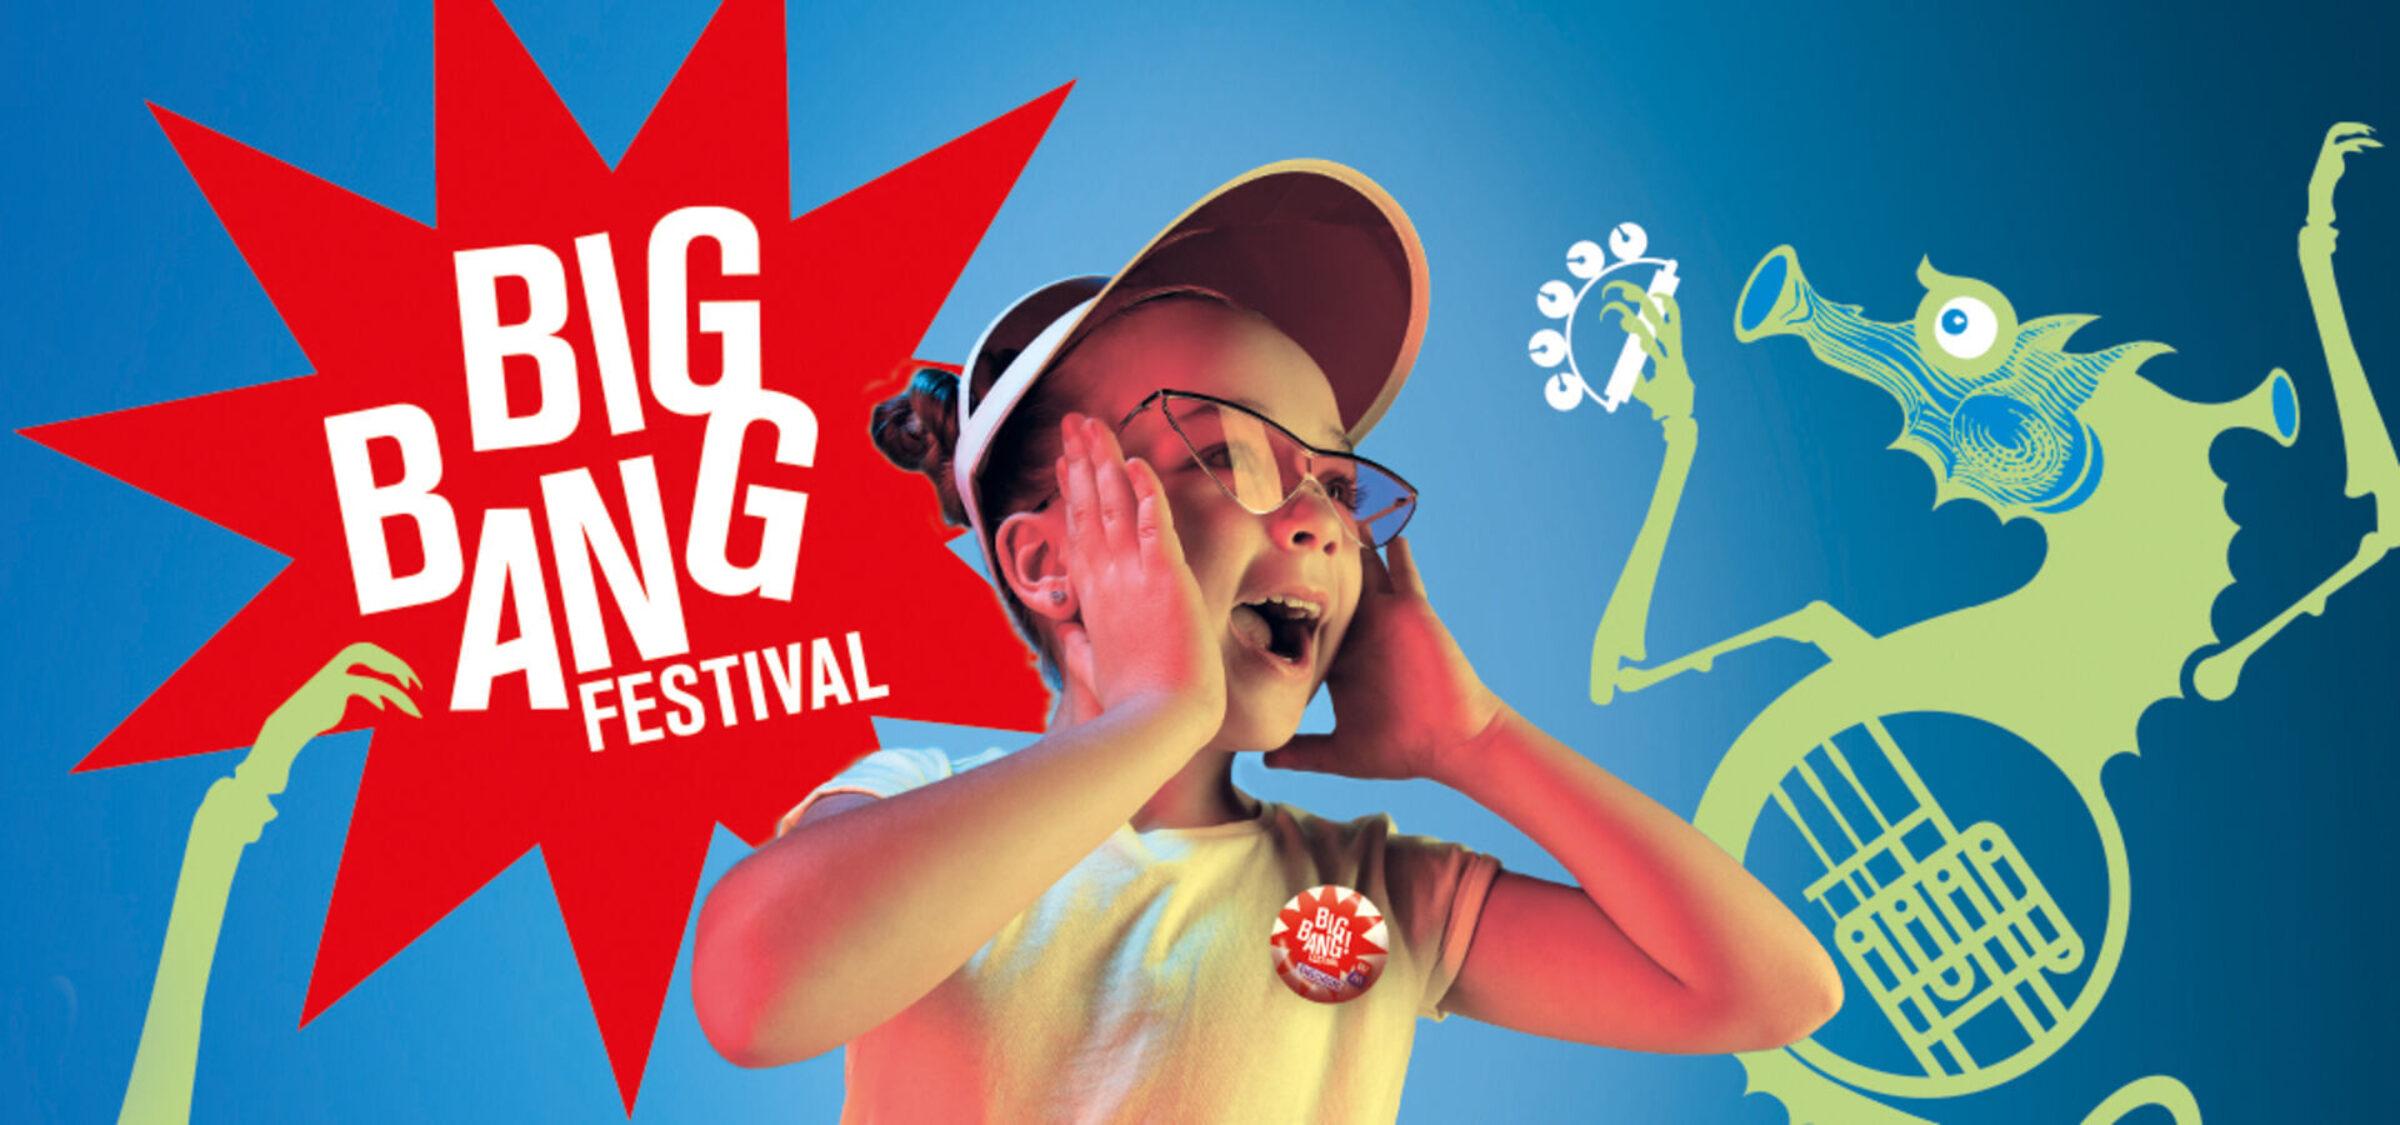 Big Bang Festival 2021 Enschede